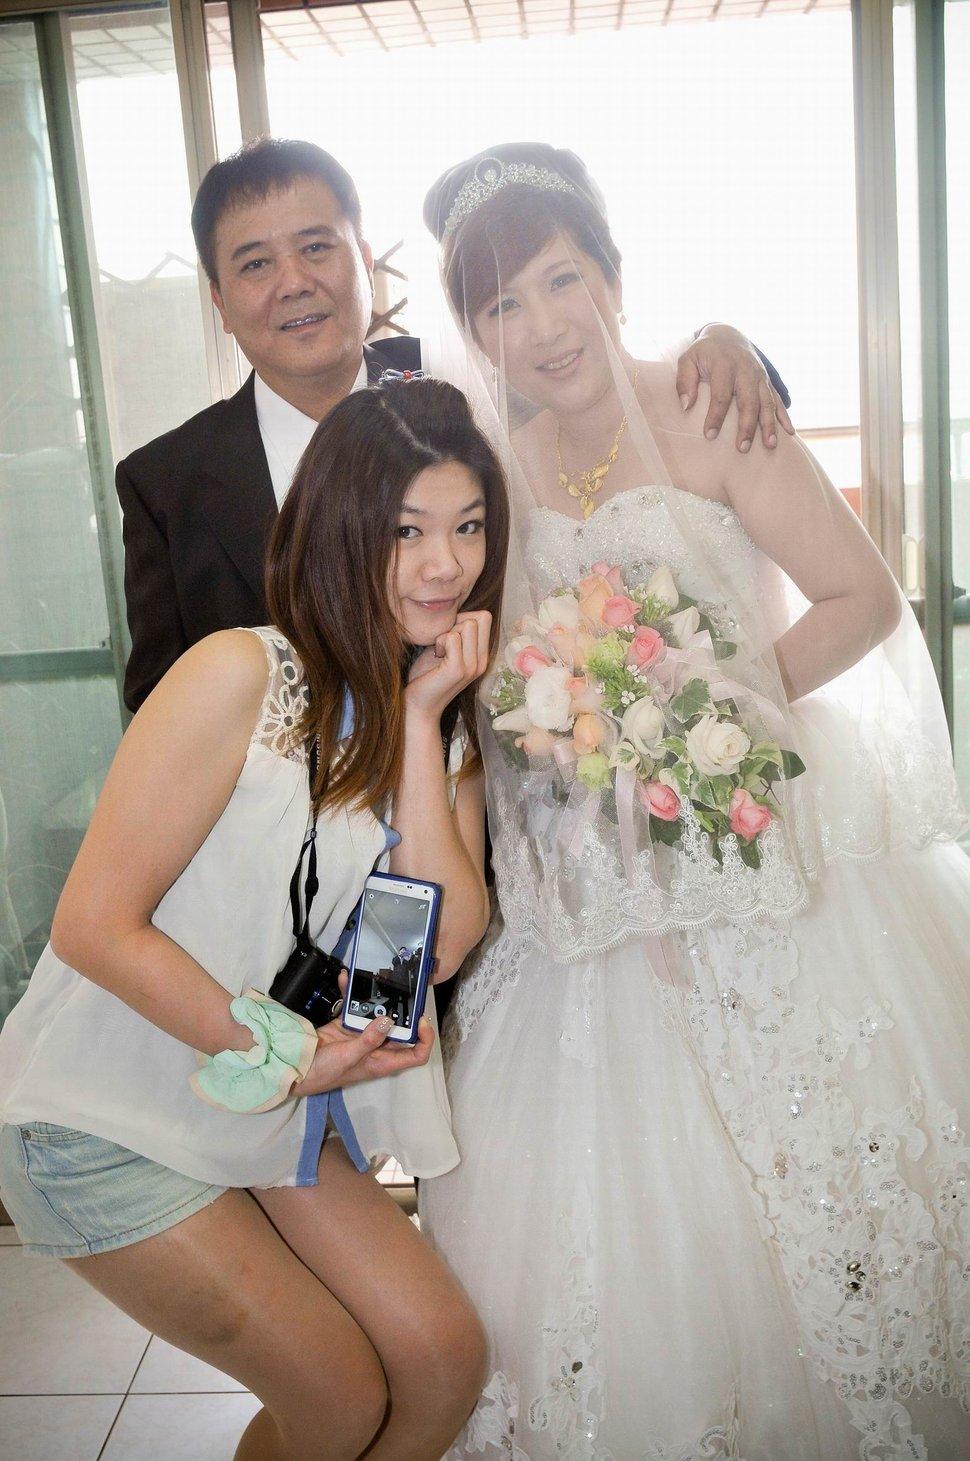 專業婚攝婚禮紀錄婚禮紀錄專業錄影婚禮錄影婚禮記錄動態微電影錄影專業錄影平面攝影婚攝婚禮主持人(編號:280478) - 蜜月拍照10800錄影12800攝影團隊 - 結婚吧